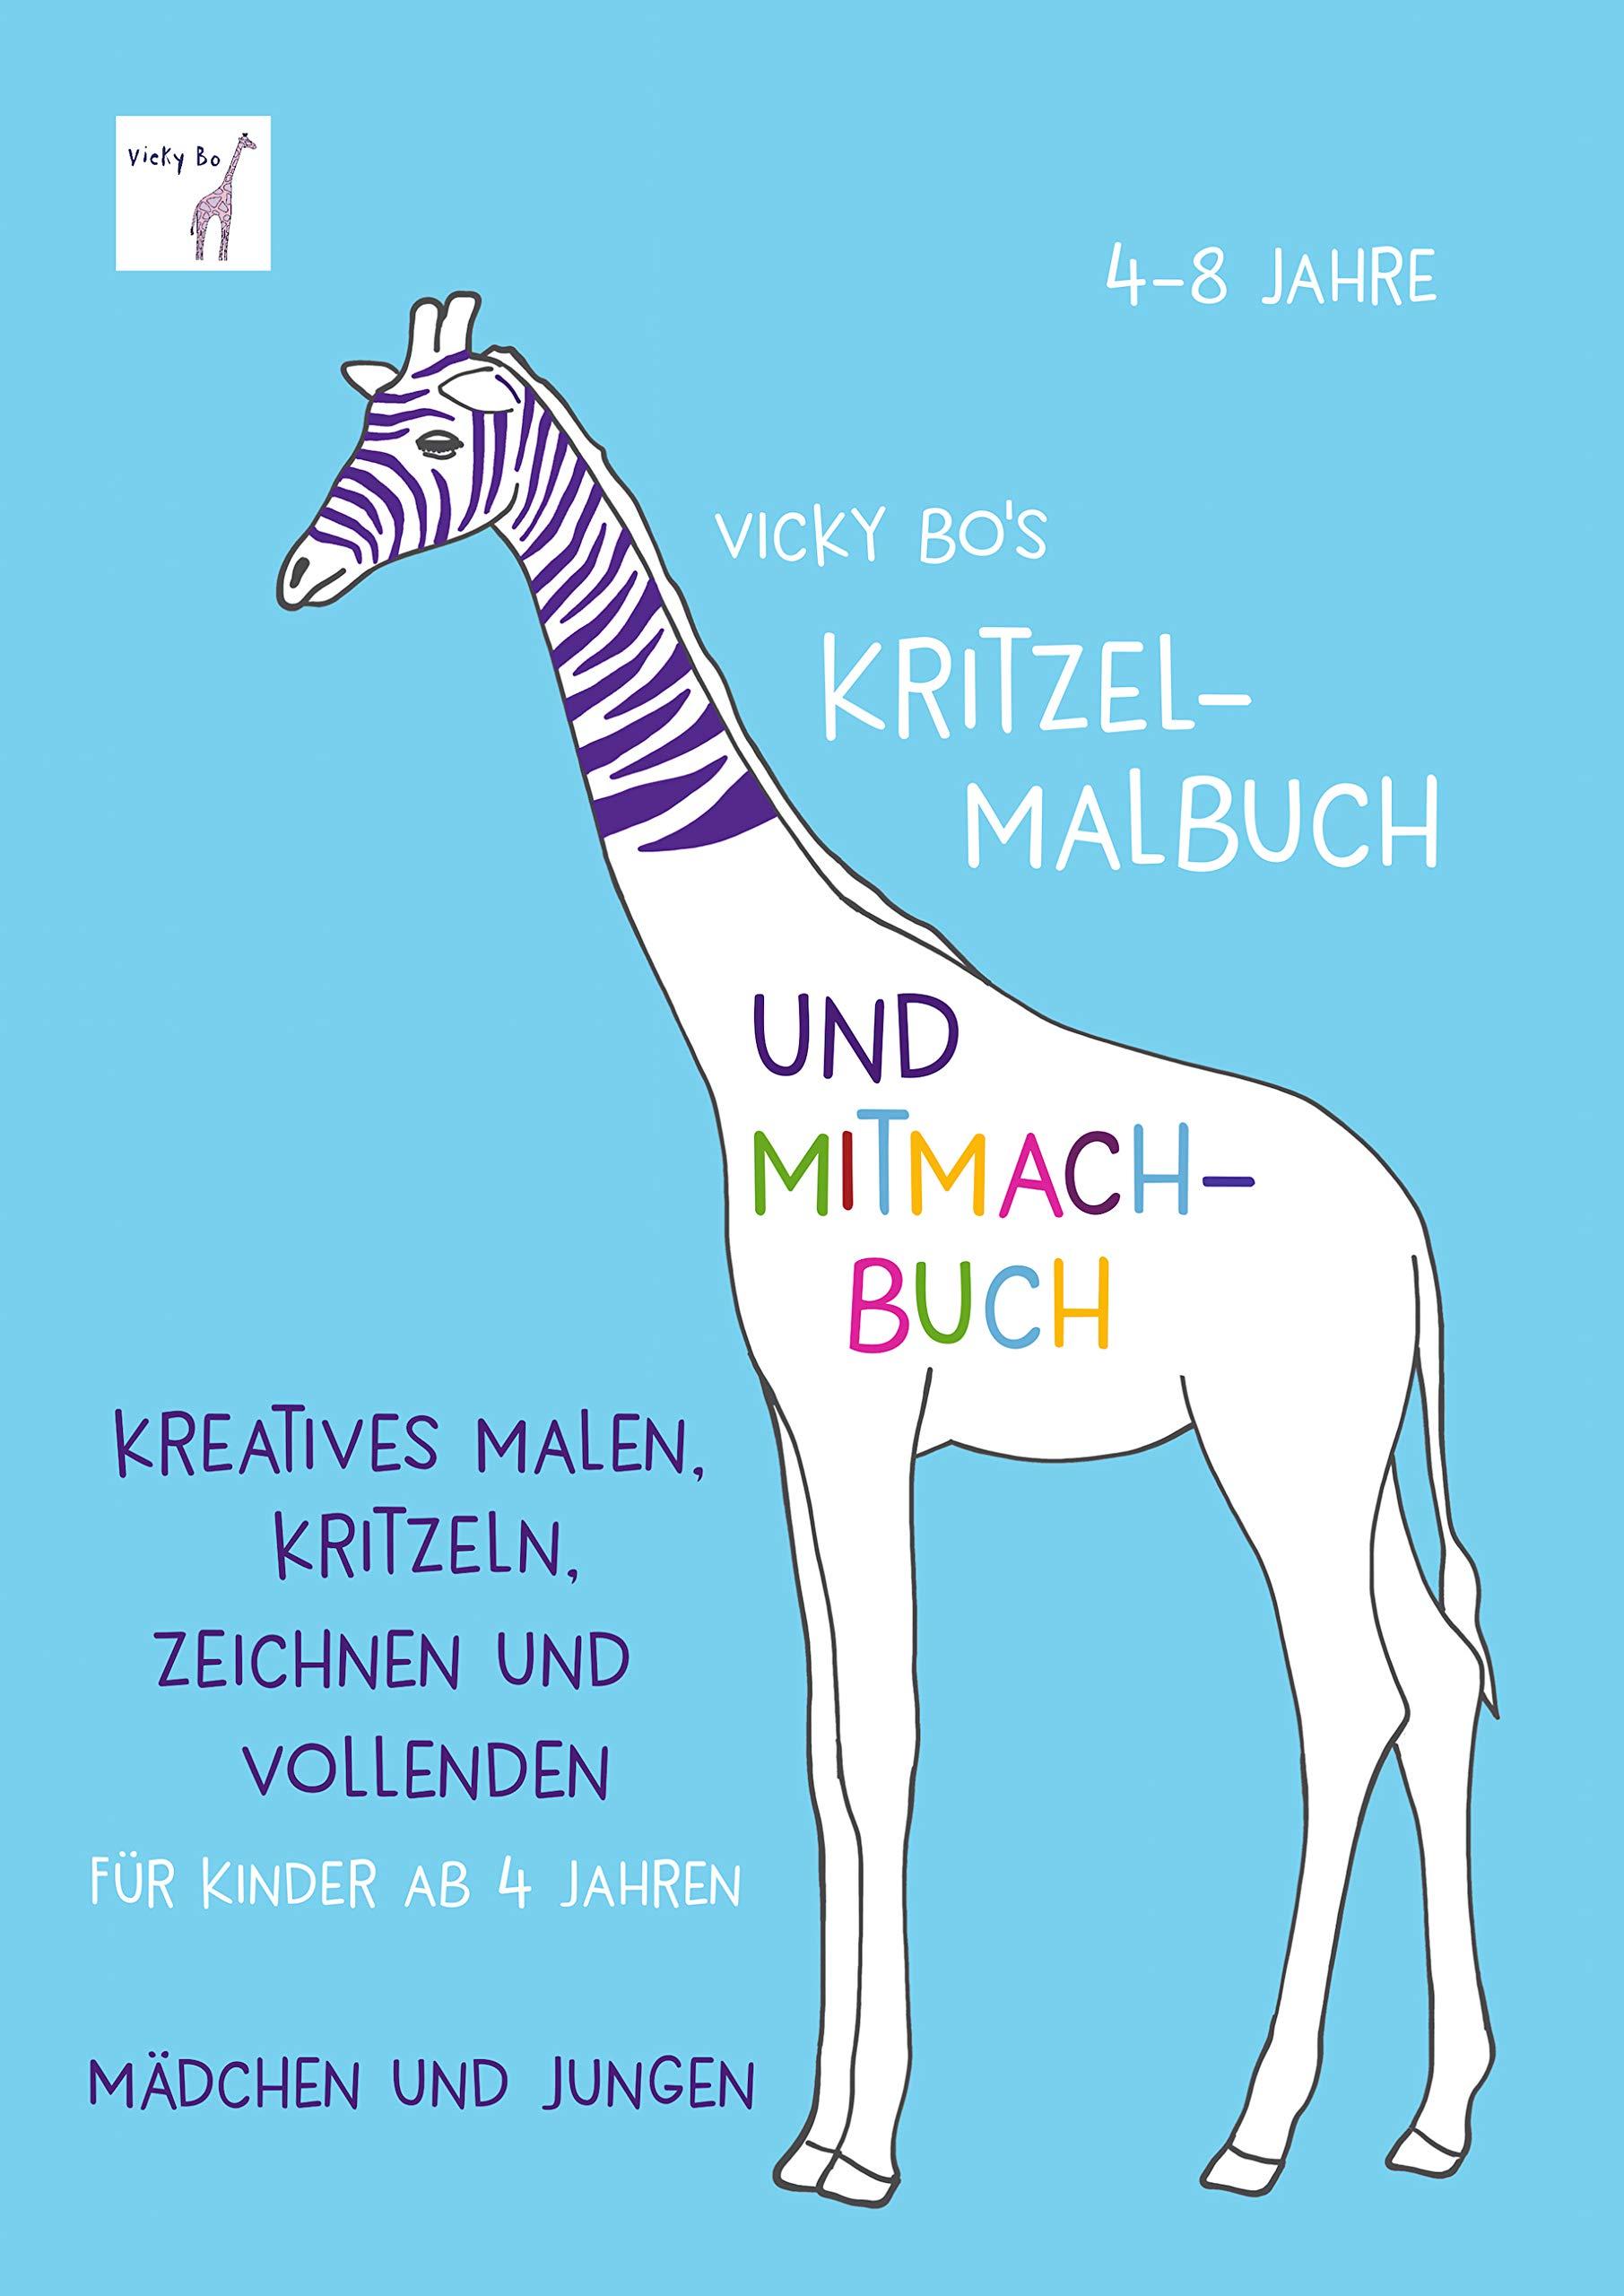 Kritzel Malbuch Und Mitmach Buch. 4 8 Jahre